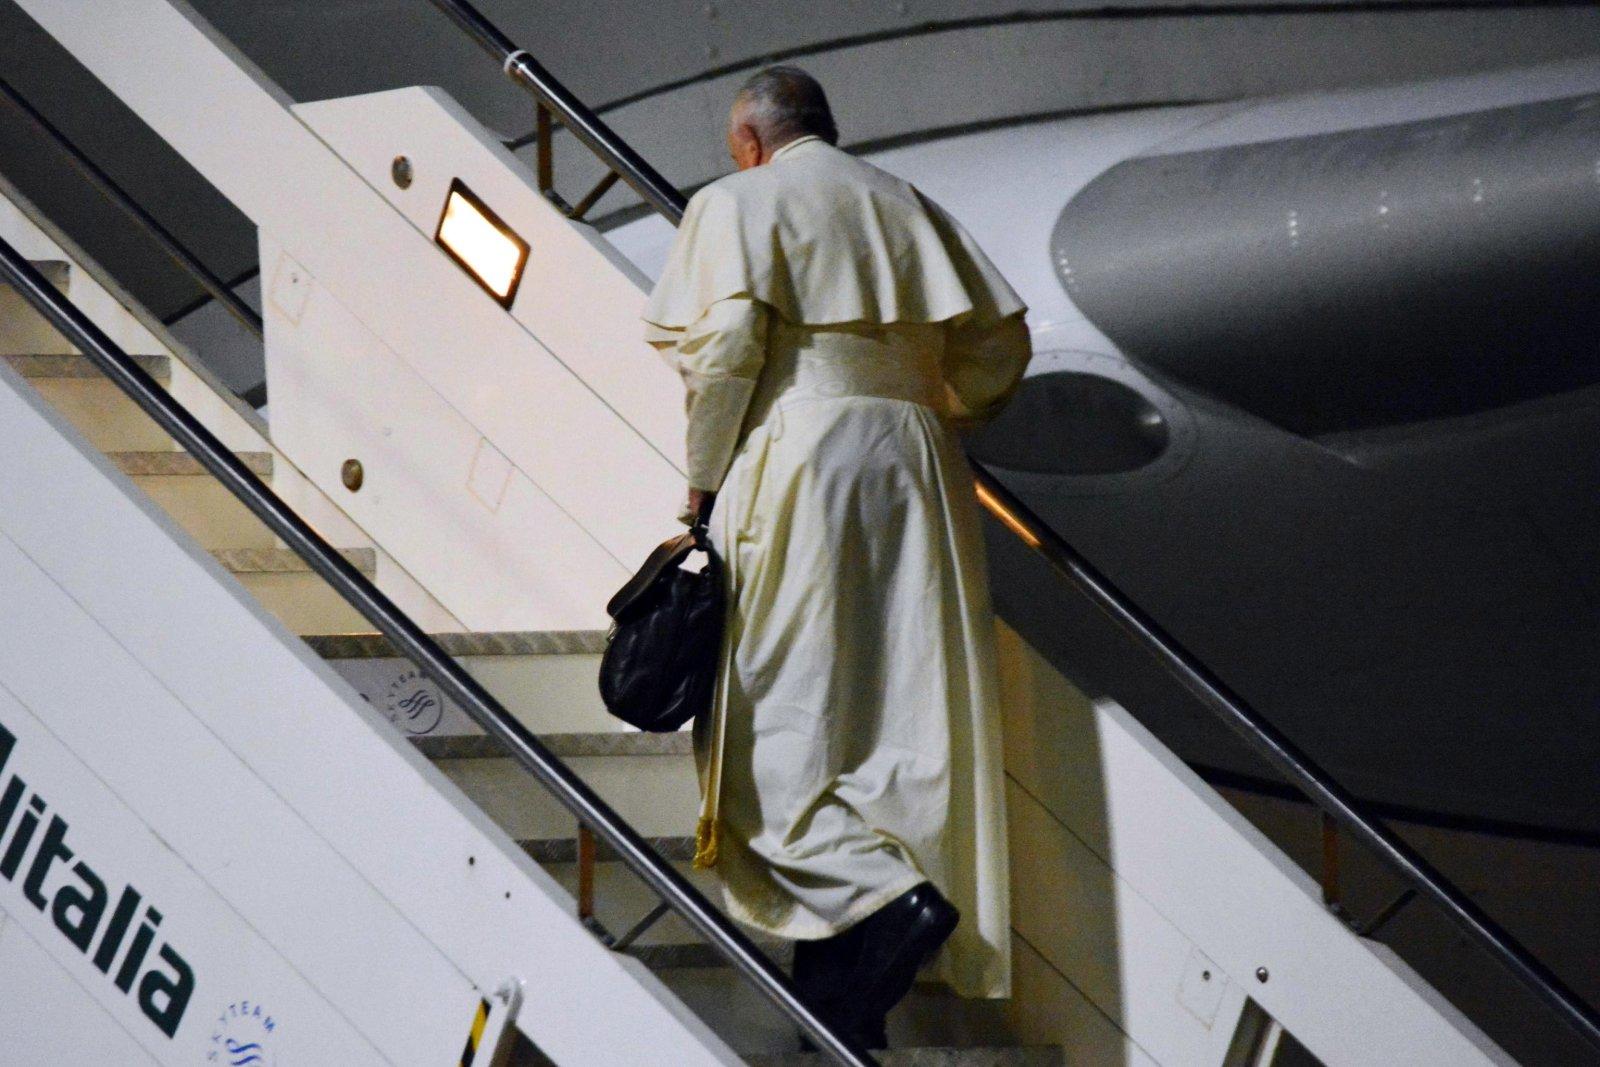 Papież leci do Tajlandii fot. EPA/TELENEWS